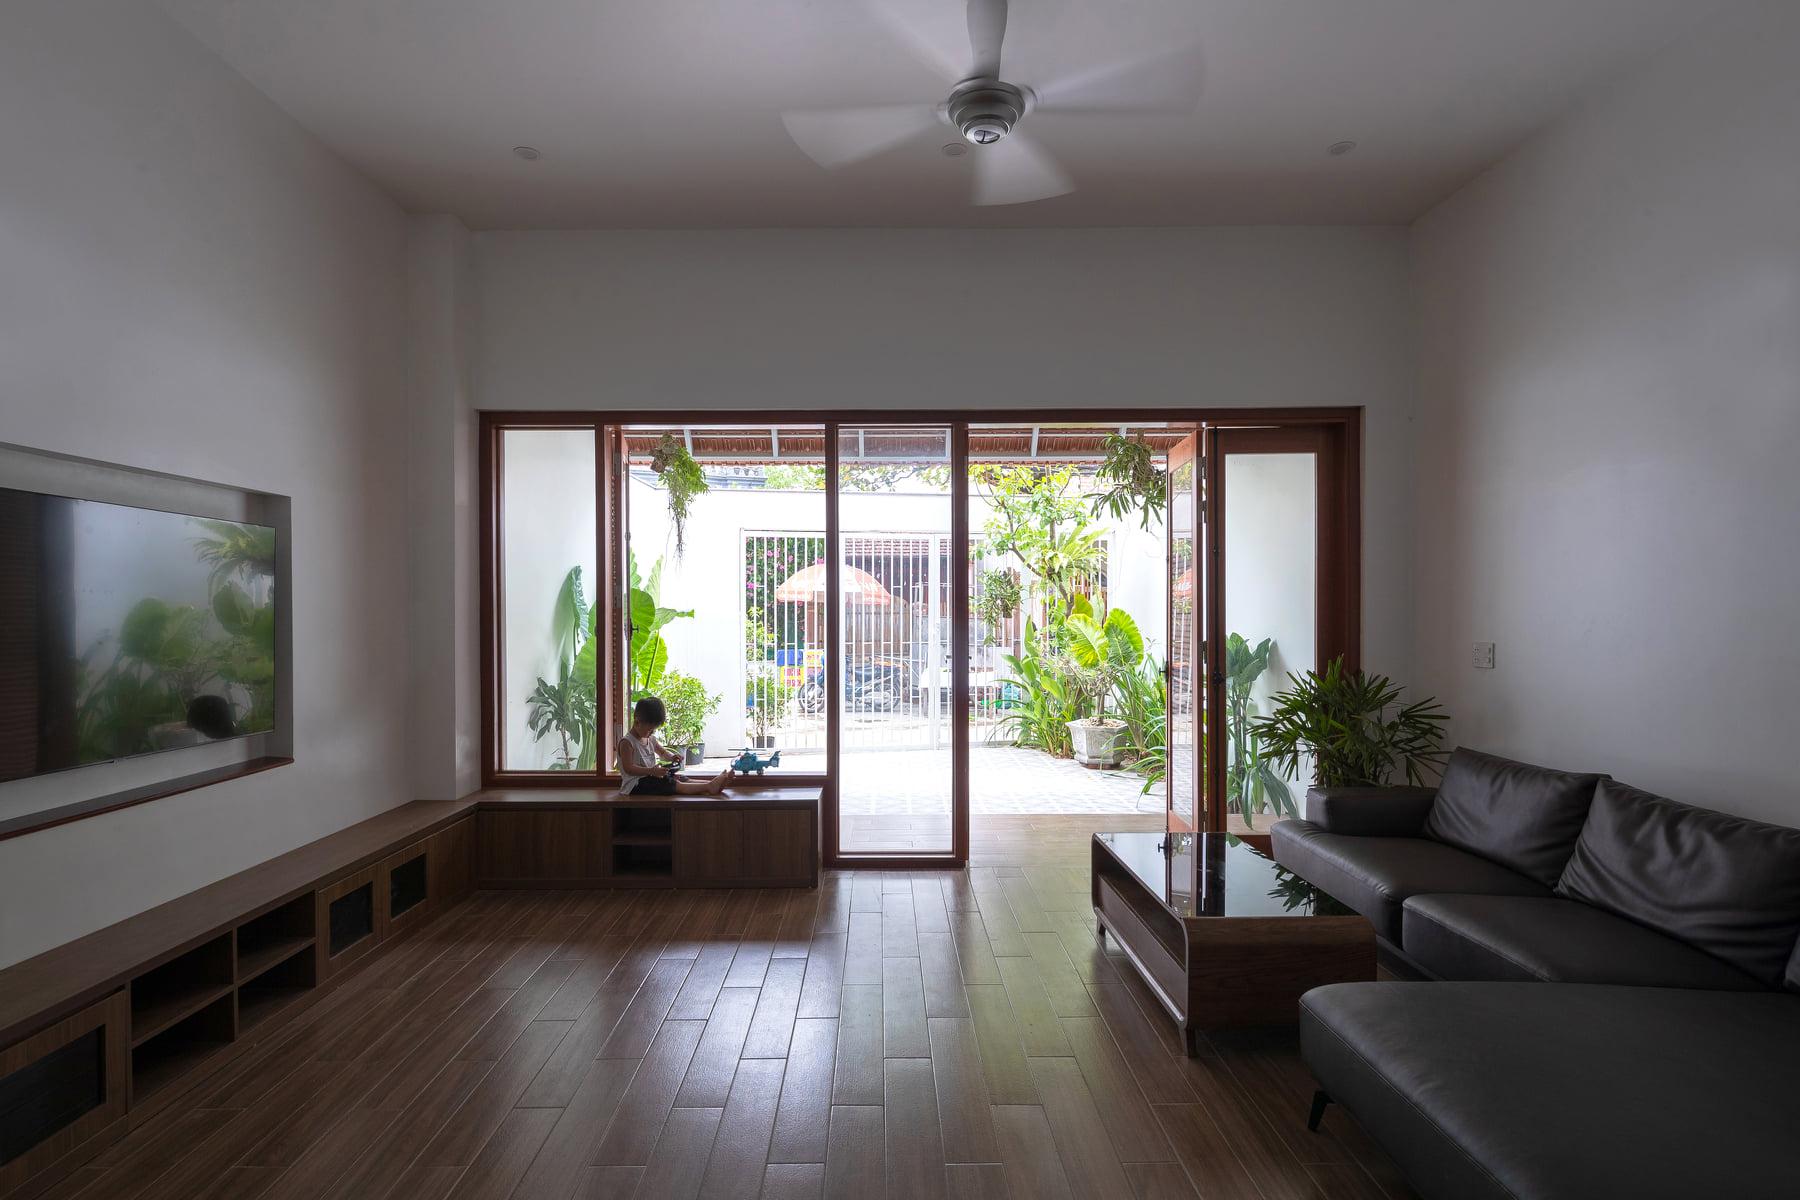 Ngôi nhà ngói gói gọn bình yên với những tiện nghi và hiện đại ở thị trấn nông thôn Nghệ An - Ảnh 11.